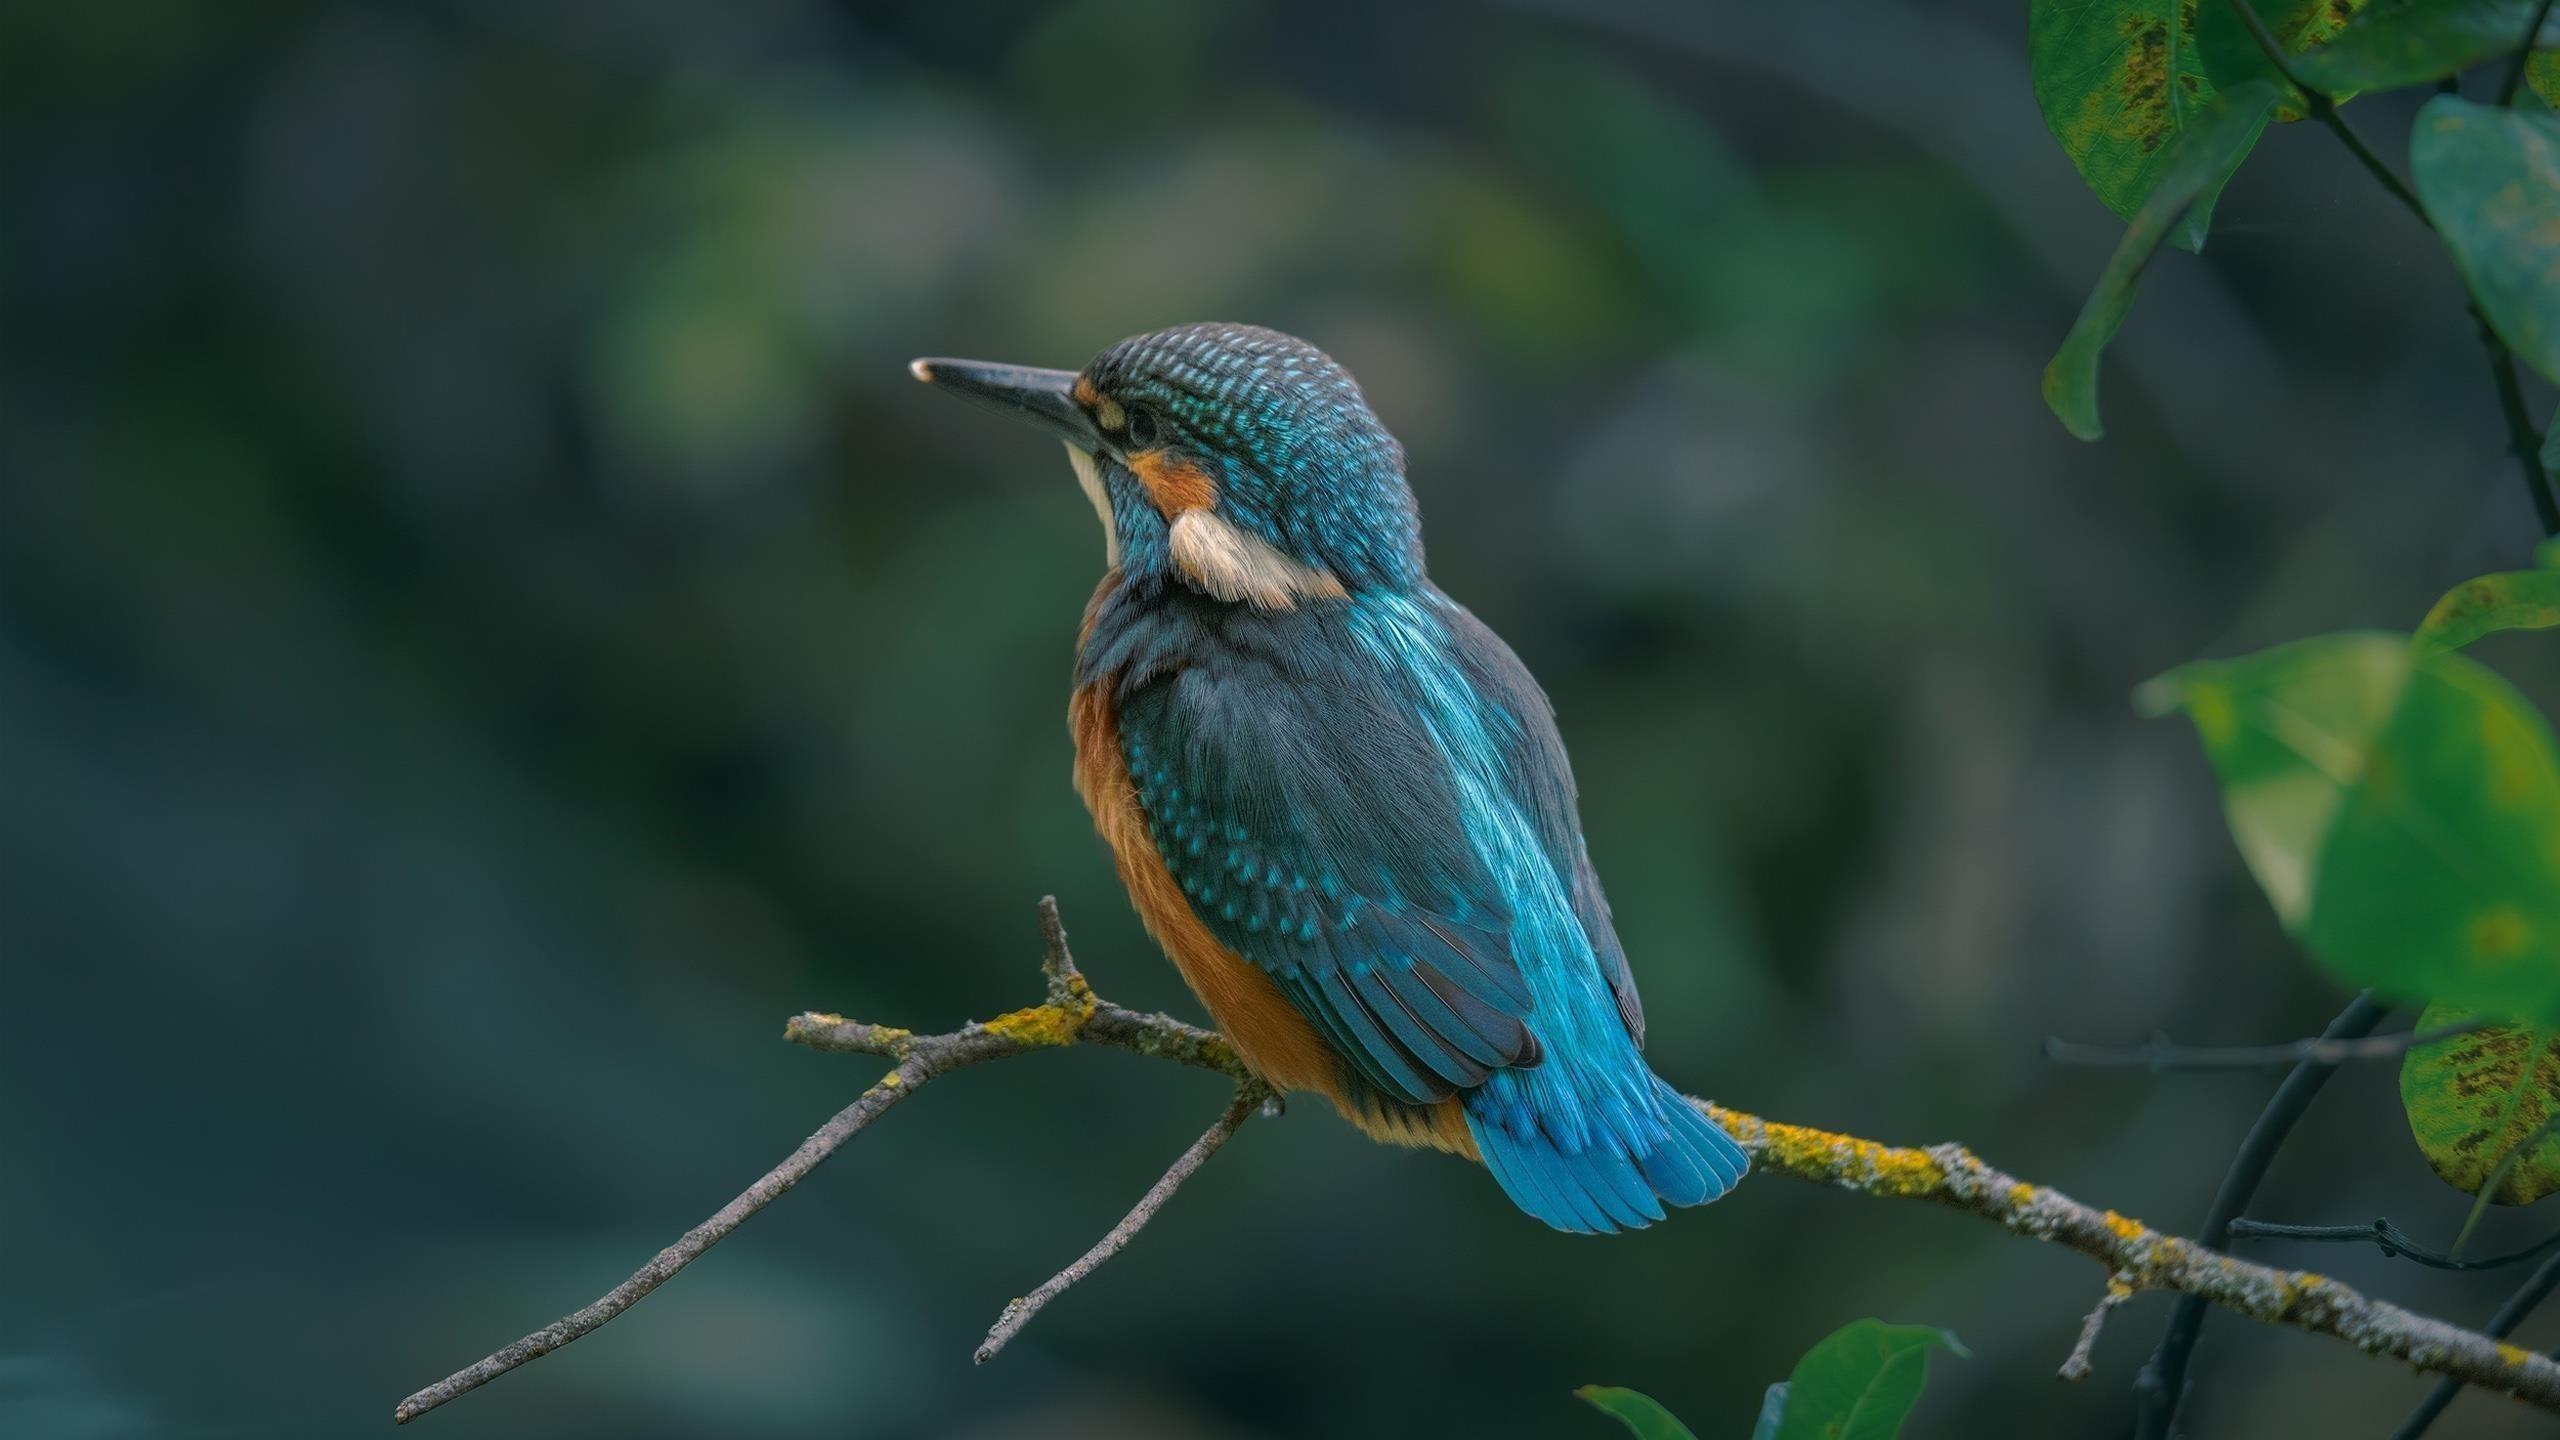 Синяя птица зимородок сидит на ветке дерева в размытом фоне животных обои скачать